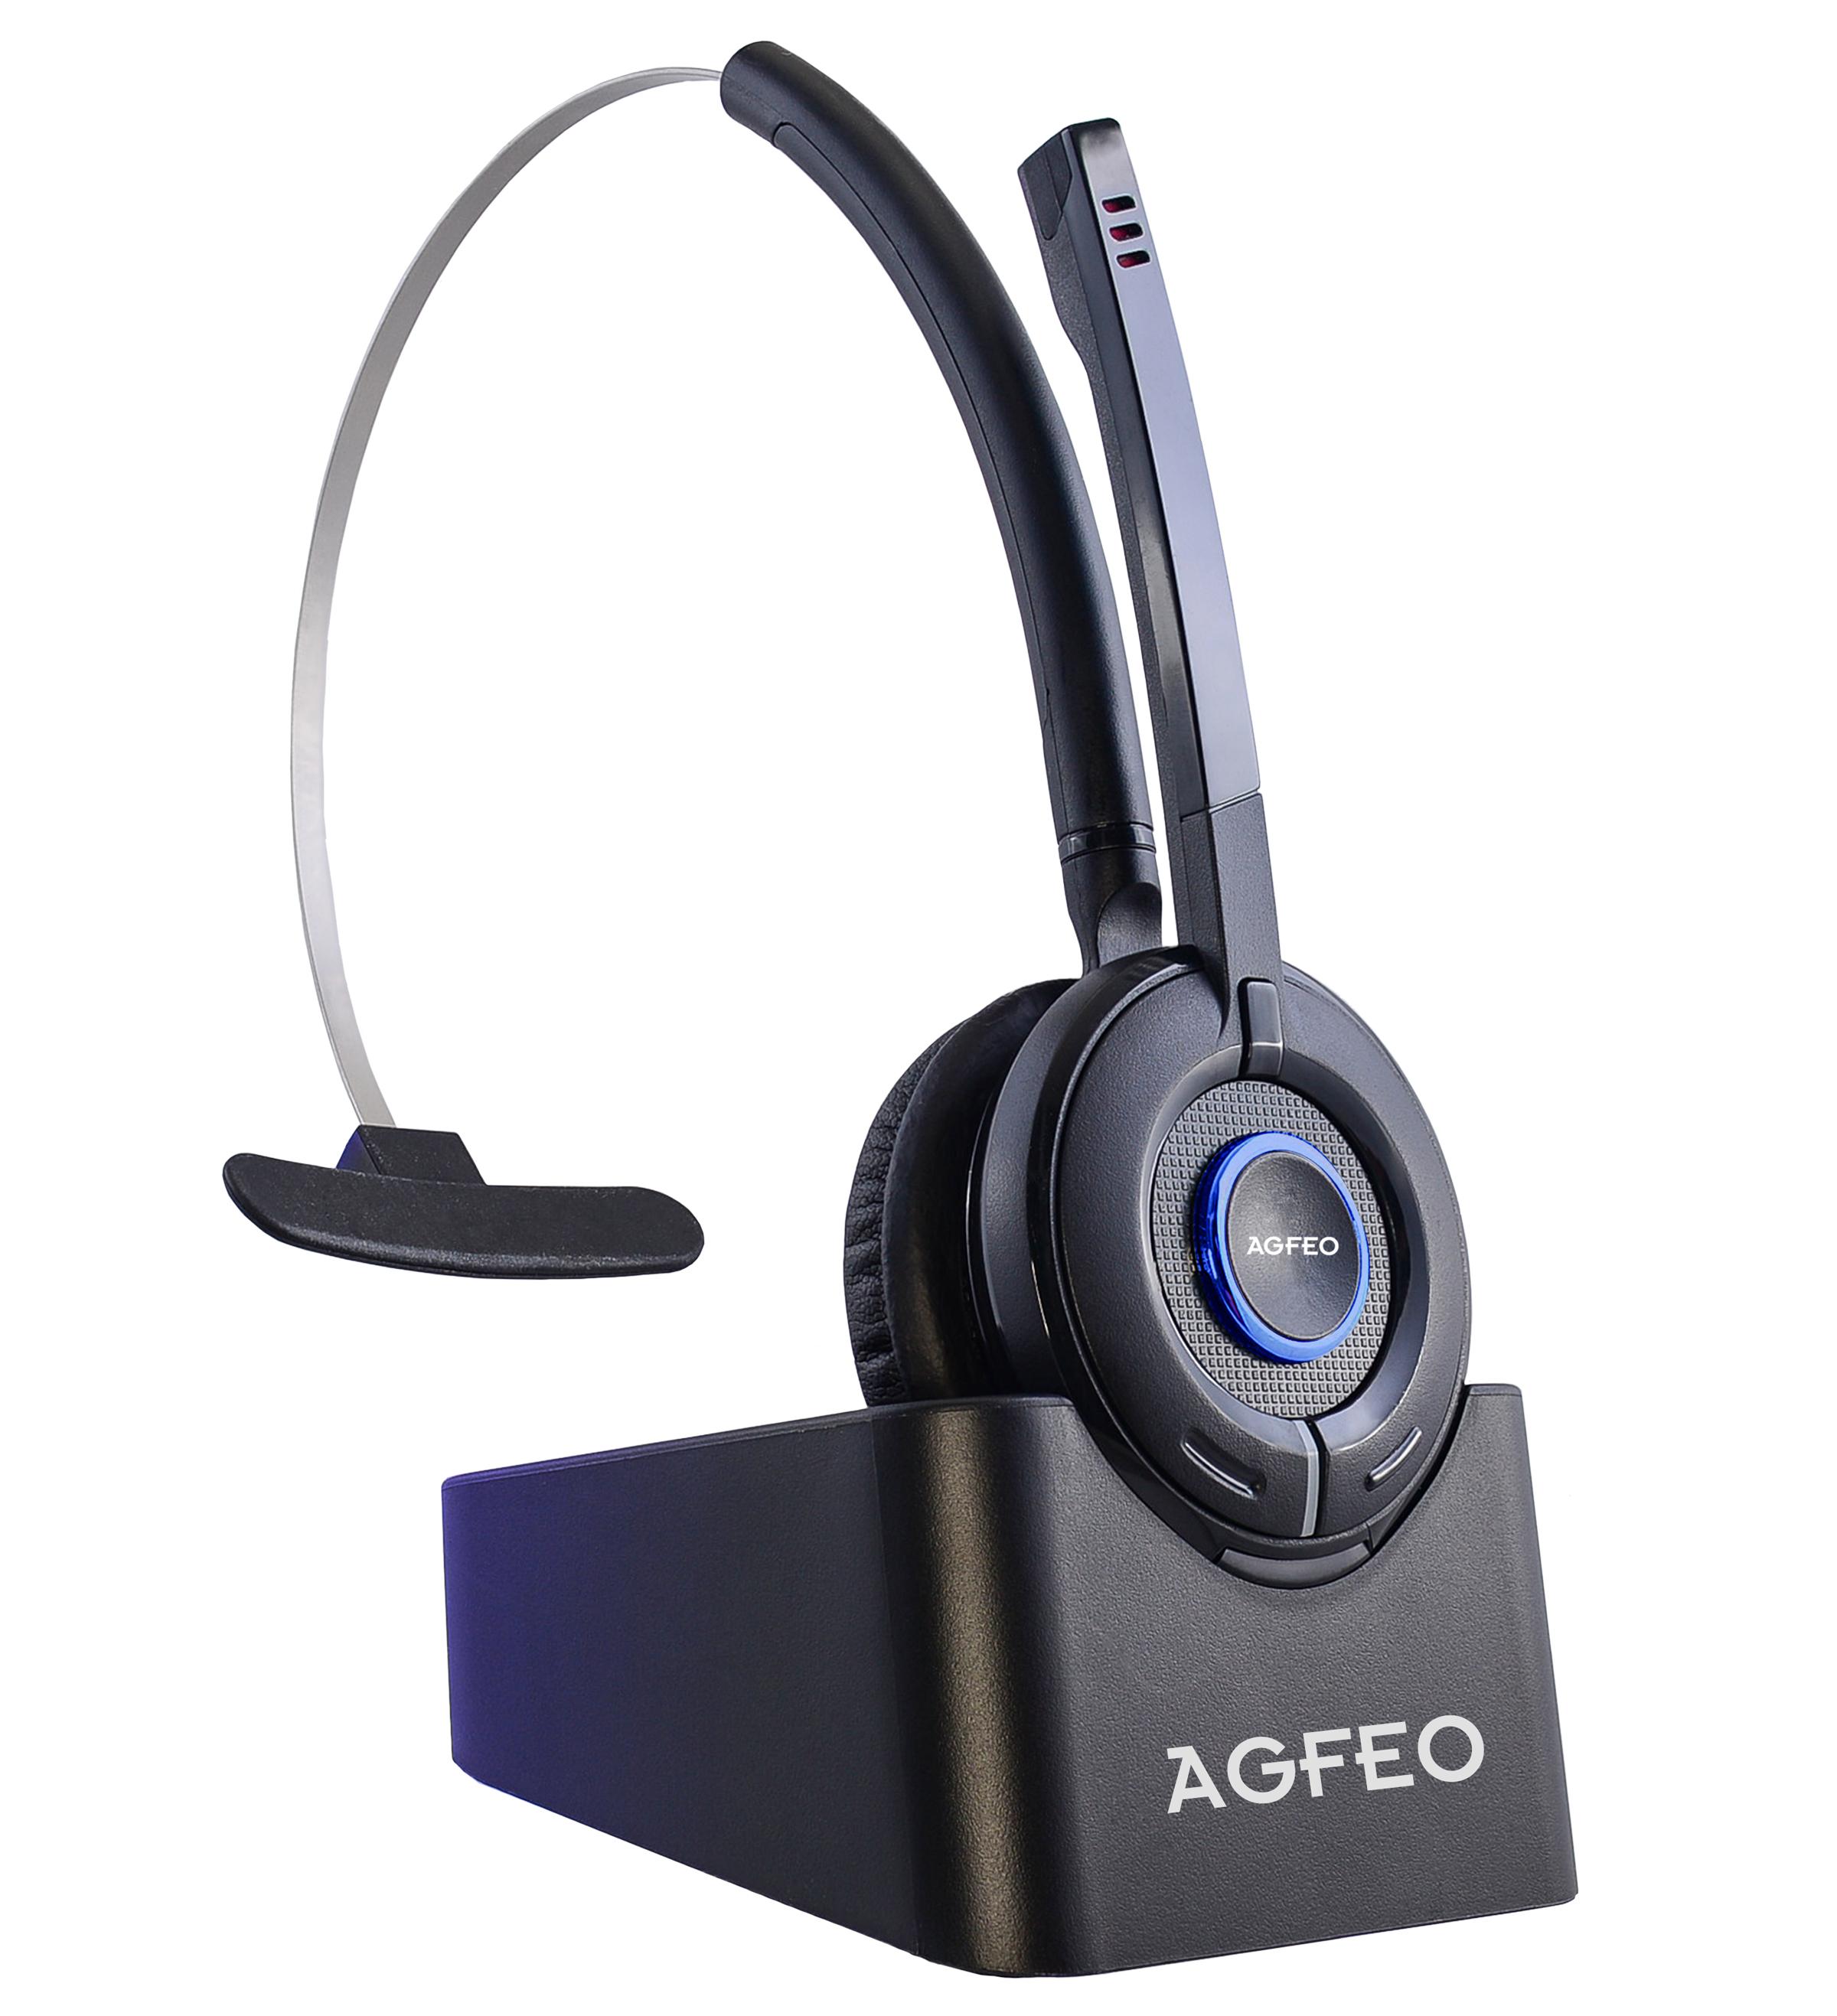 AGFEO DECT Headset IP an bis zu 10 Systemen anmeldbar Noise Reduction für 239,00 Euro